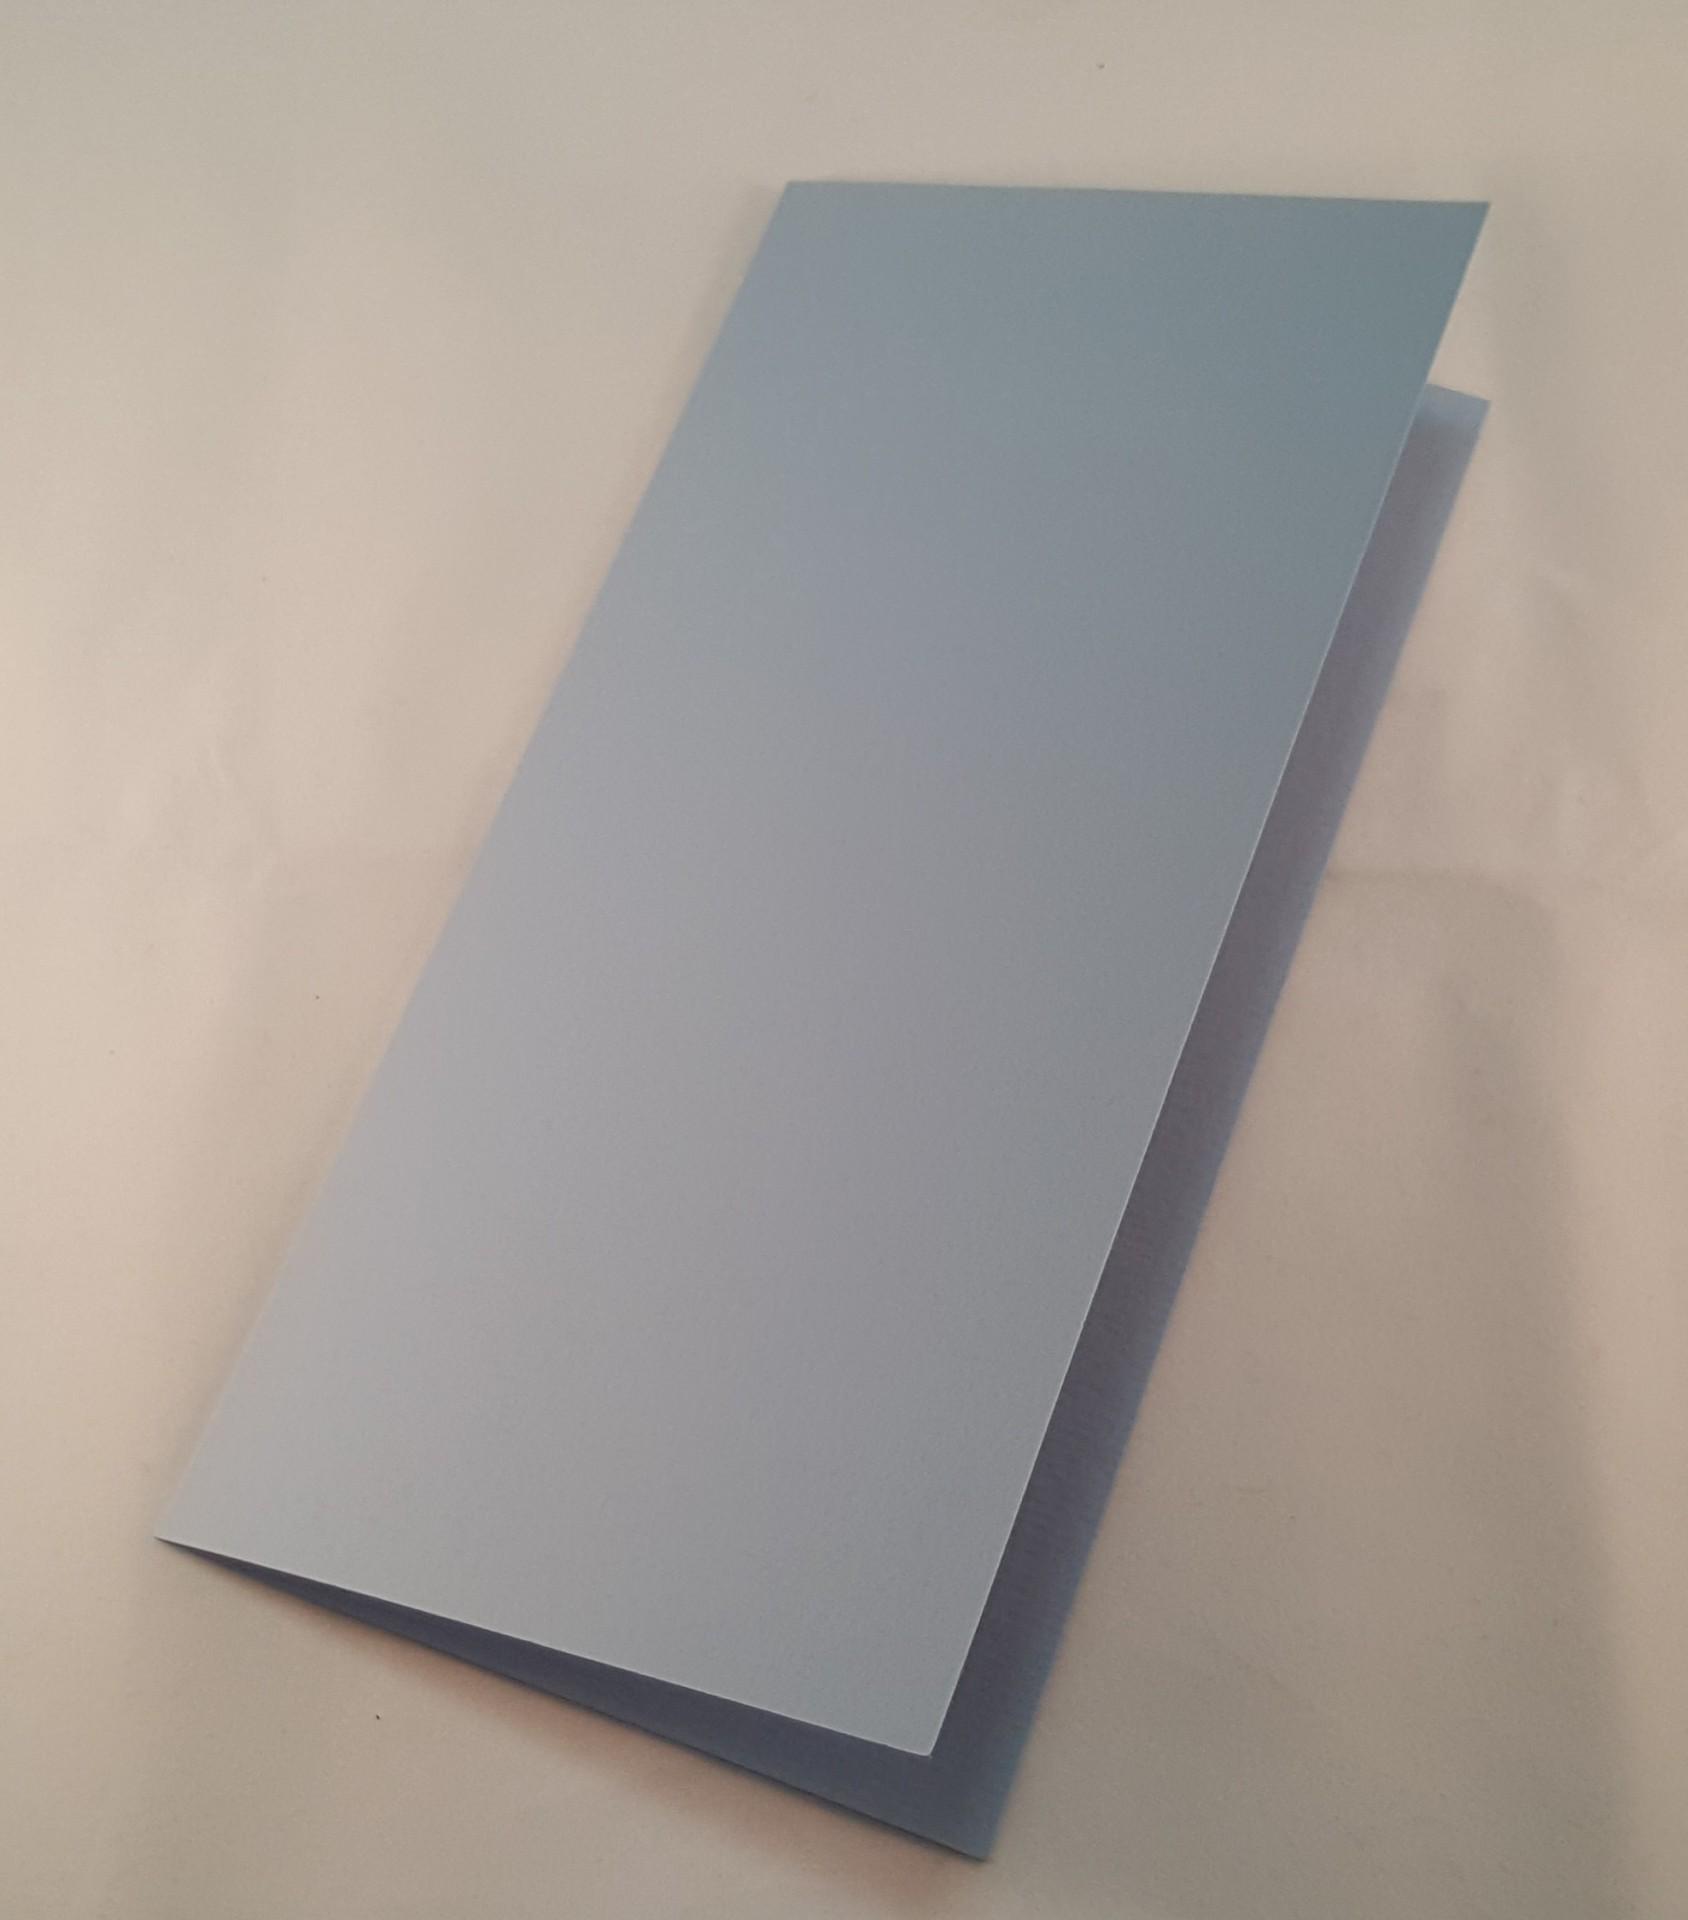 Cartão DL colorido cor azul